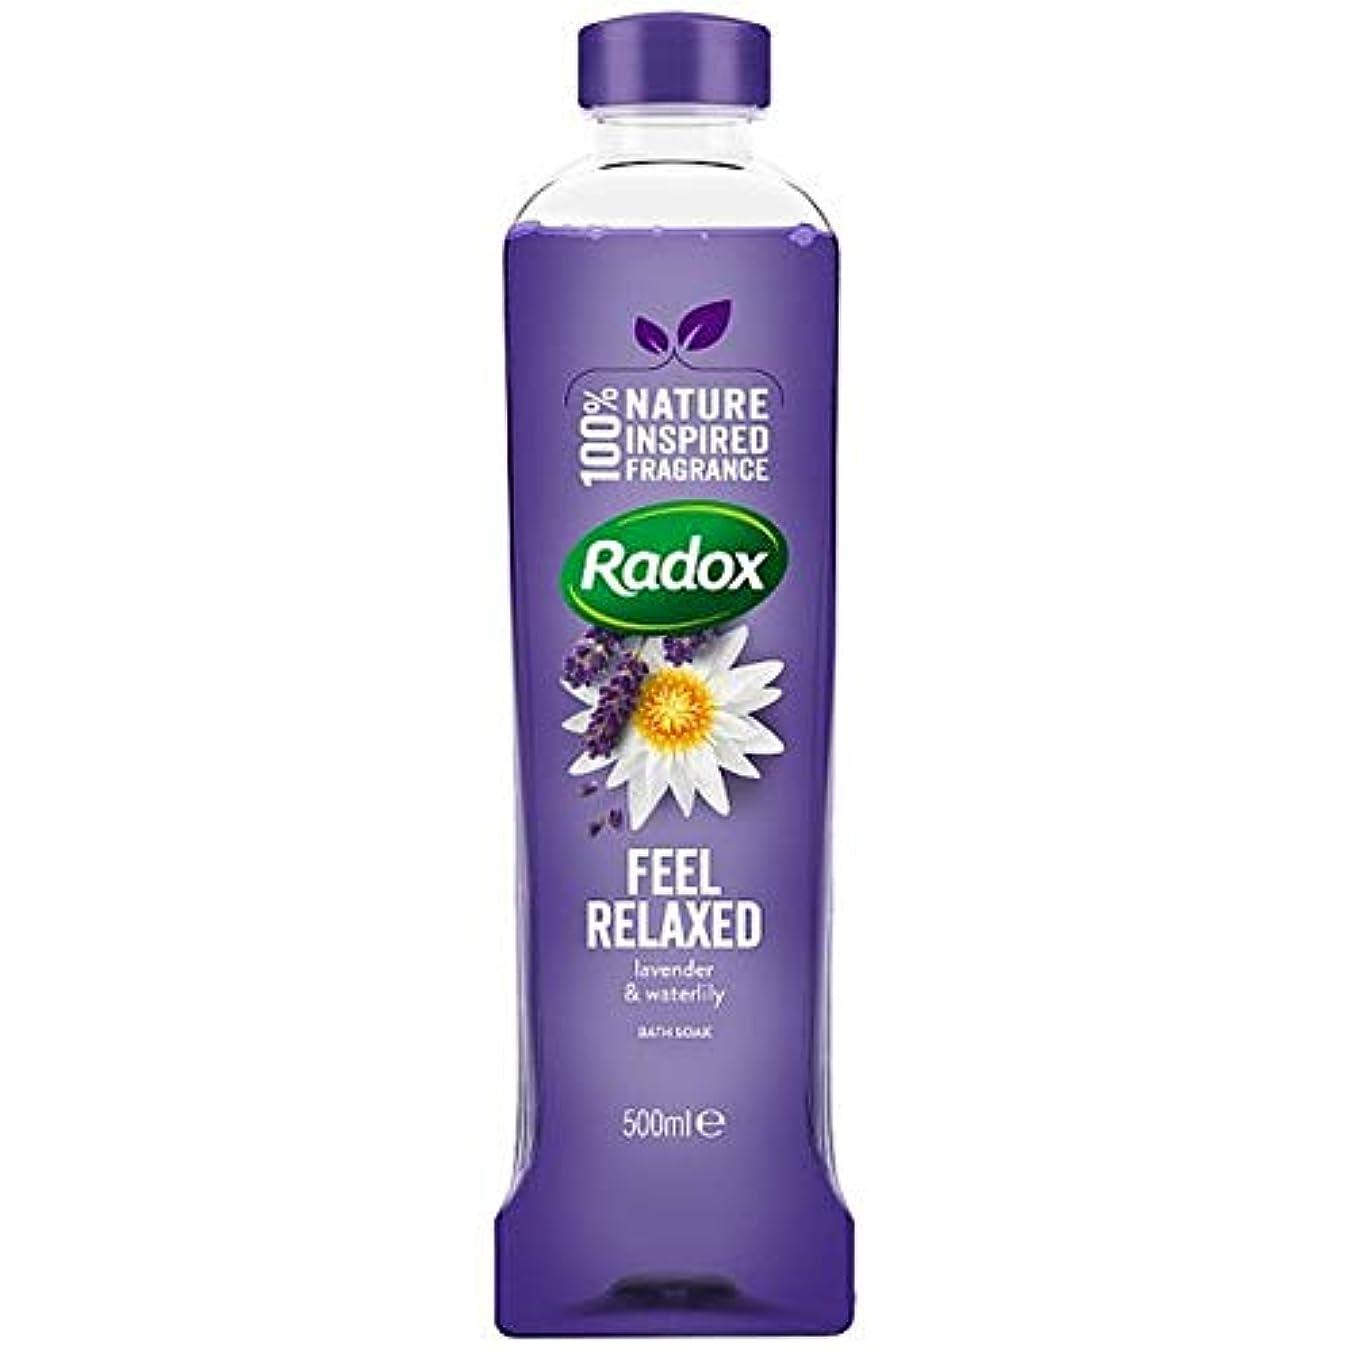 部ジュース貧しい[Radox] Radoxは、500ミリリットルのソークリラックスしたお風呂を感じます - Radox Feel Relaxed Bath Soak 500Ml [並行輸入品]